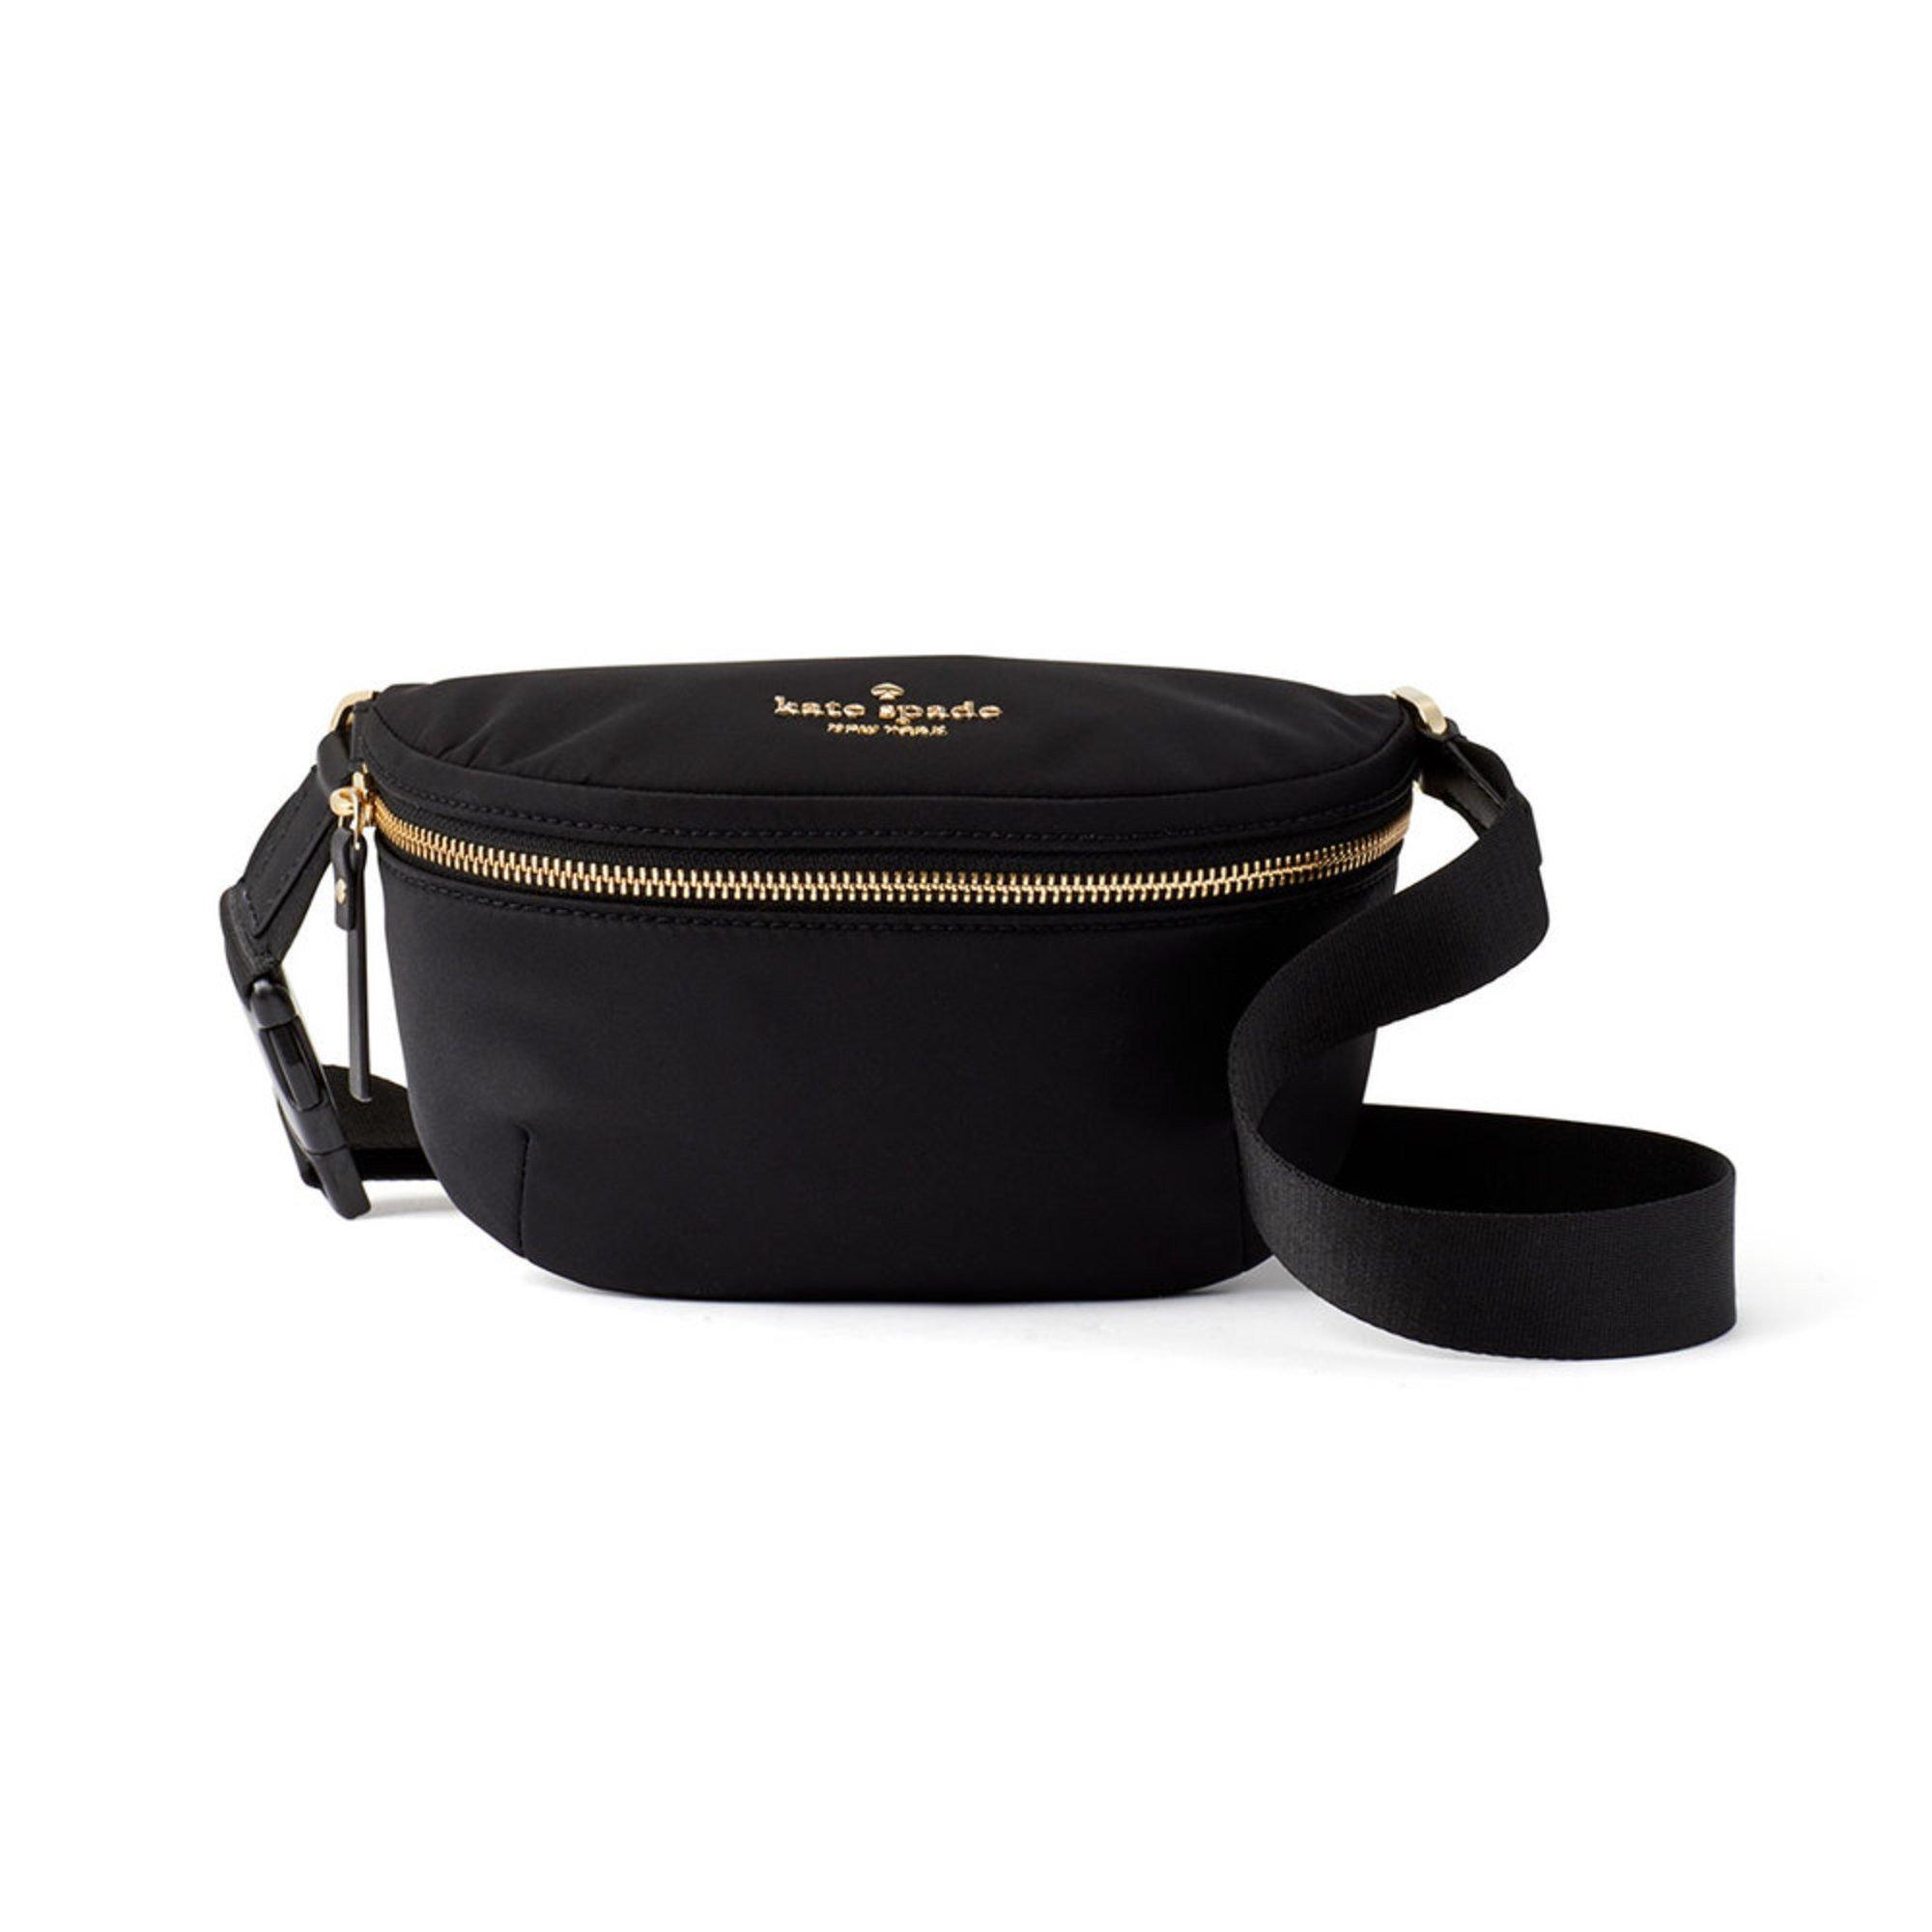 66b46501f548 Kate Spade Watson Lane Betty Belt Bag Black